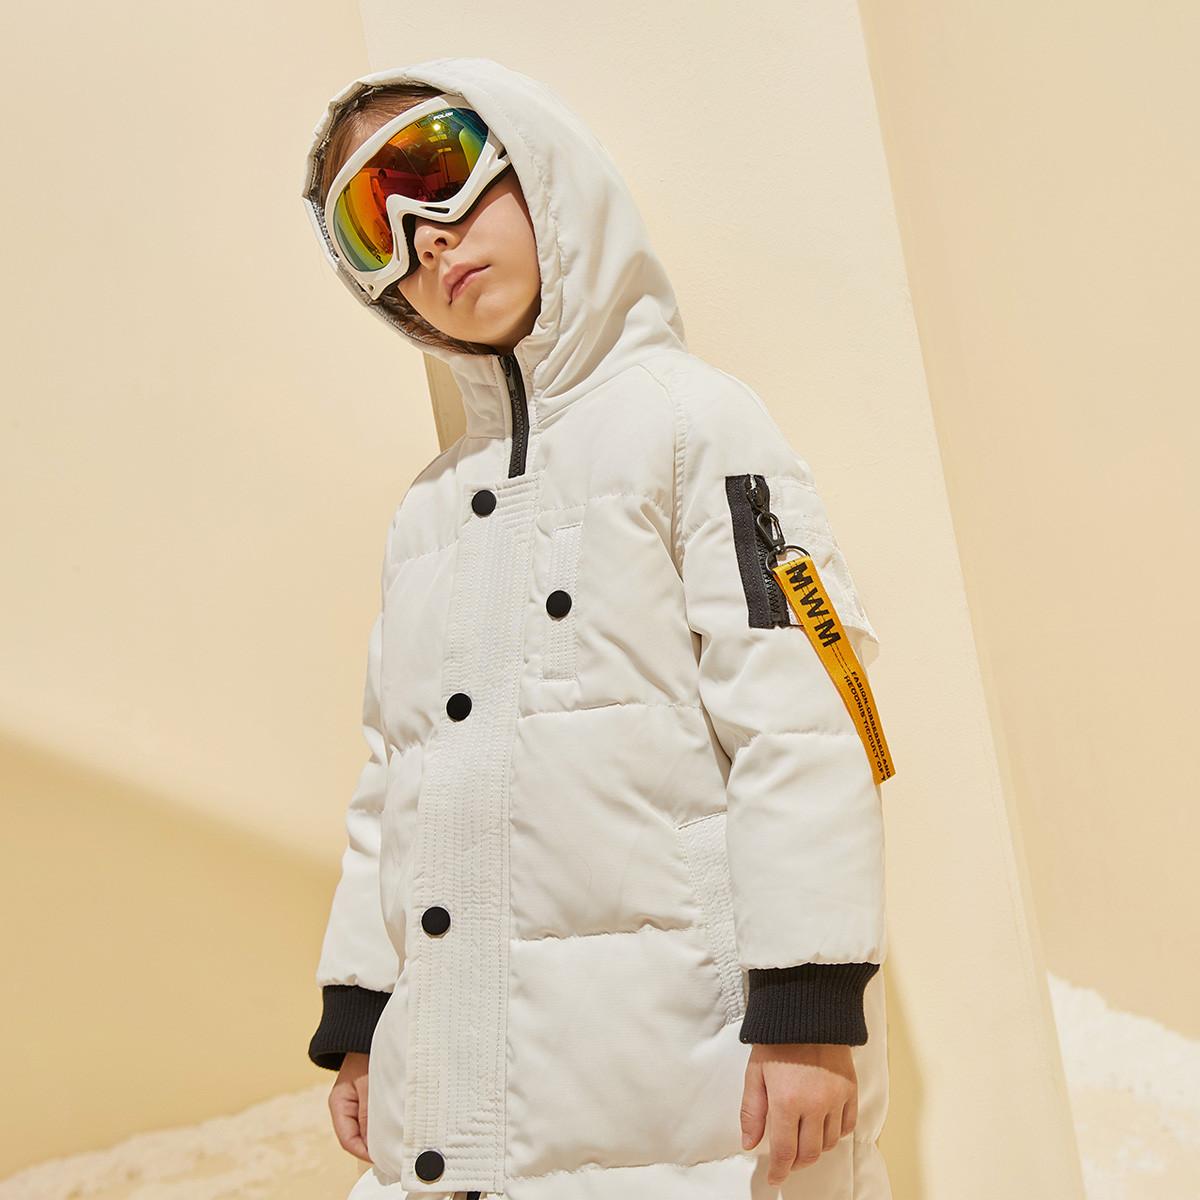 巴帝巴帝【白鸭绒】巴拉巴拉旗下19冬休闲连帽儿童中长款男童羽绒服13419VD1608BD108